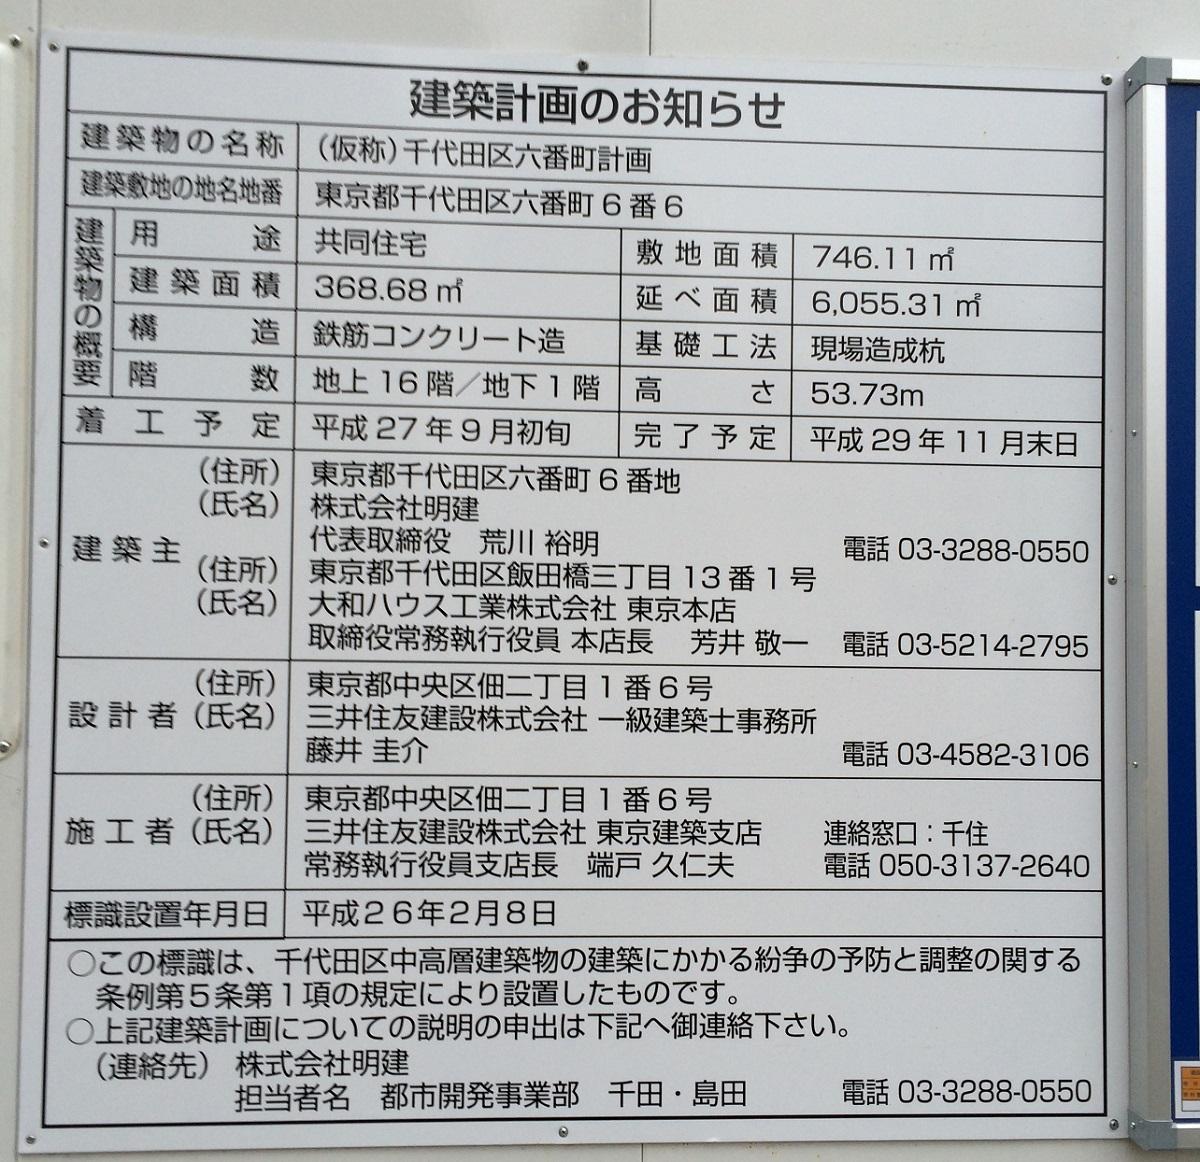 プレミスト六番町の建設計画。大和ハウスの千代田区六番町高級マンション